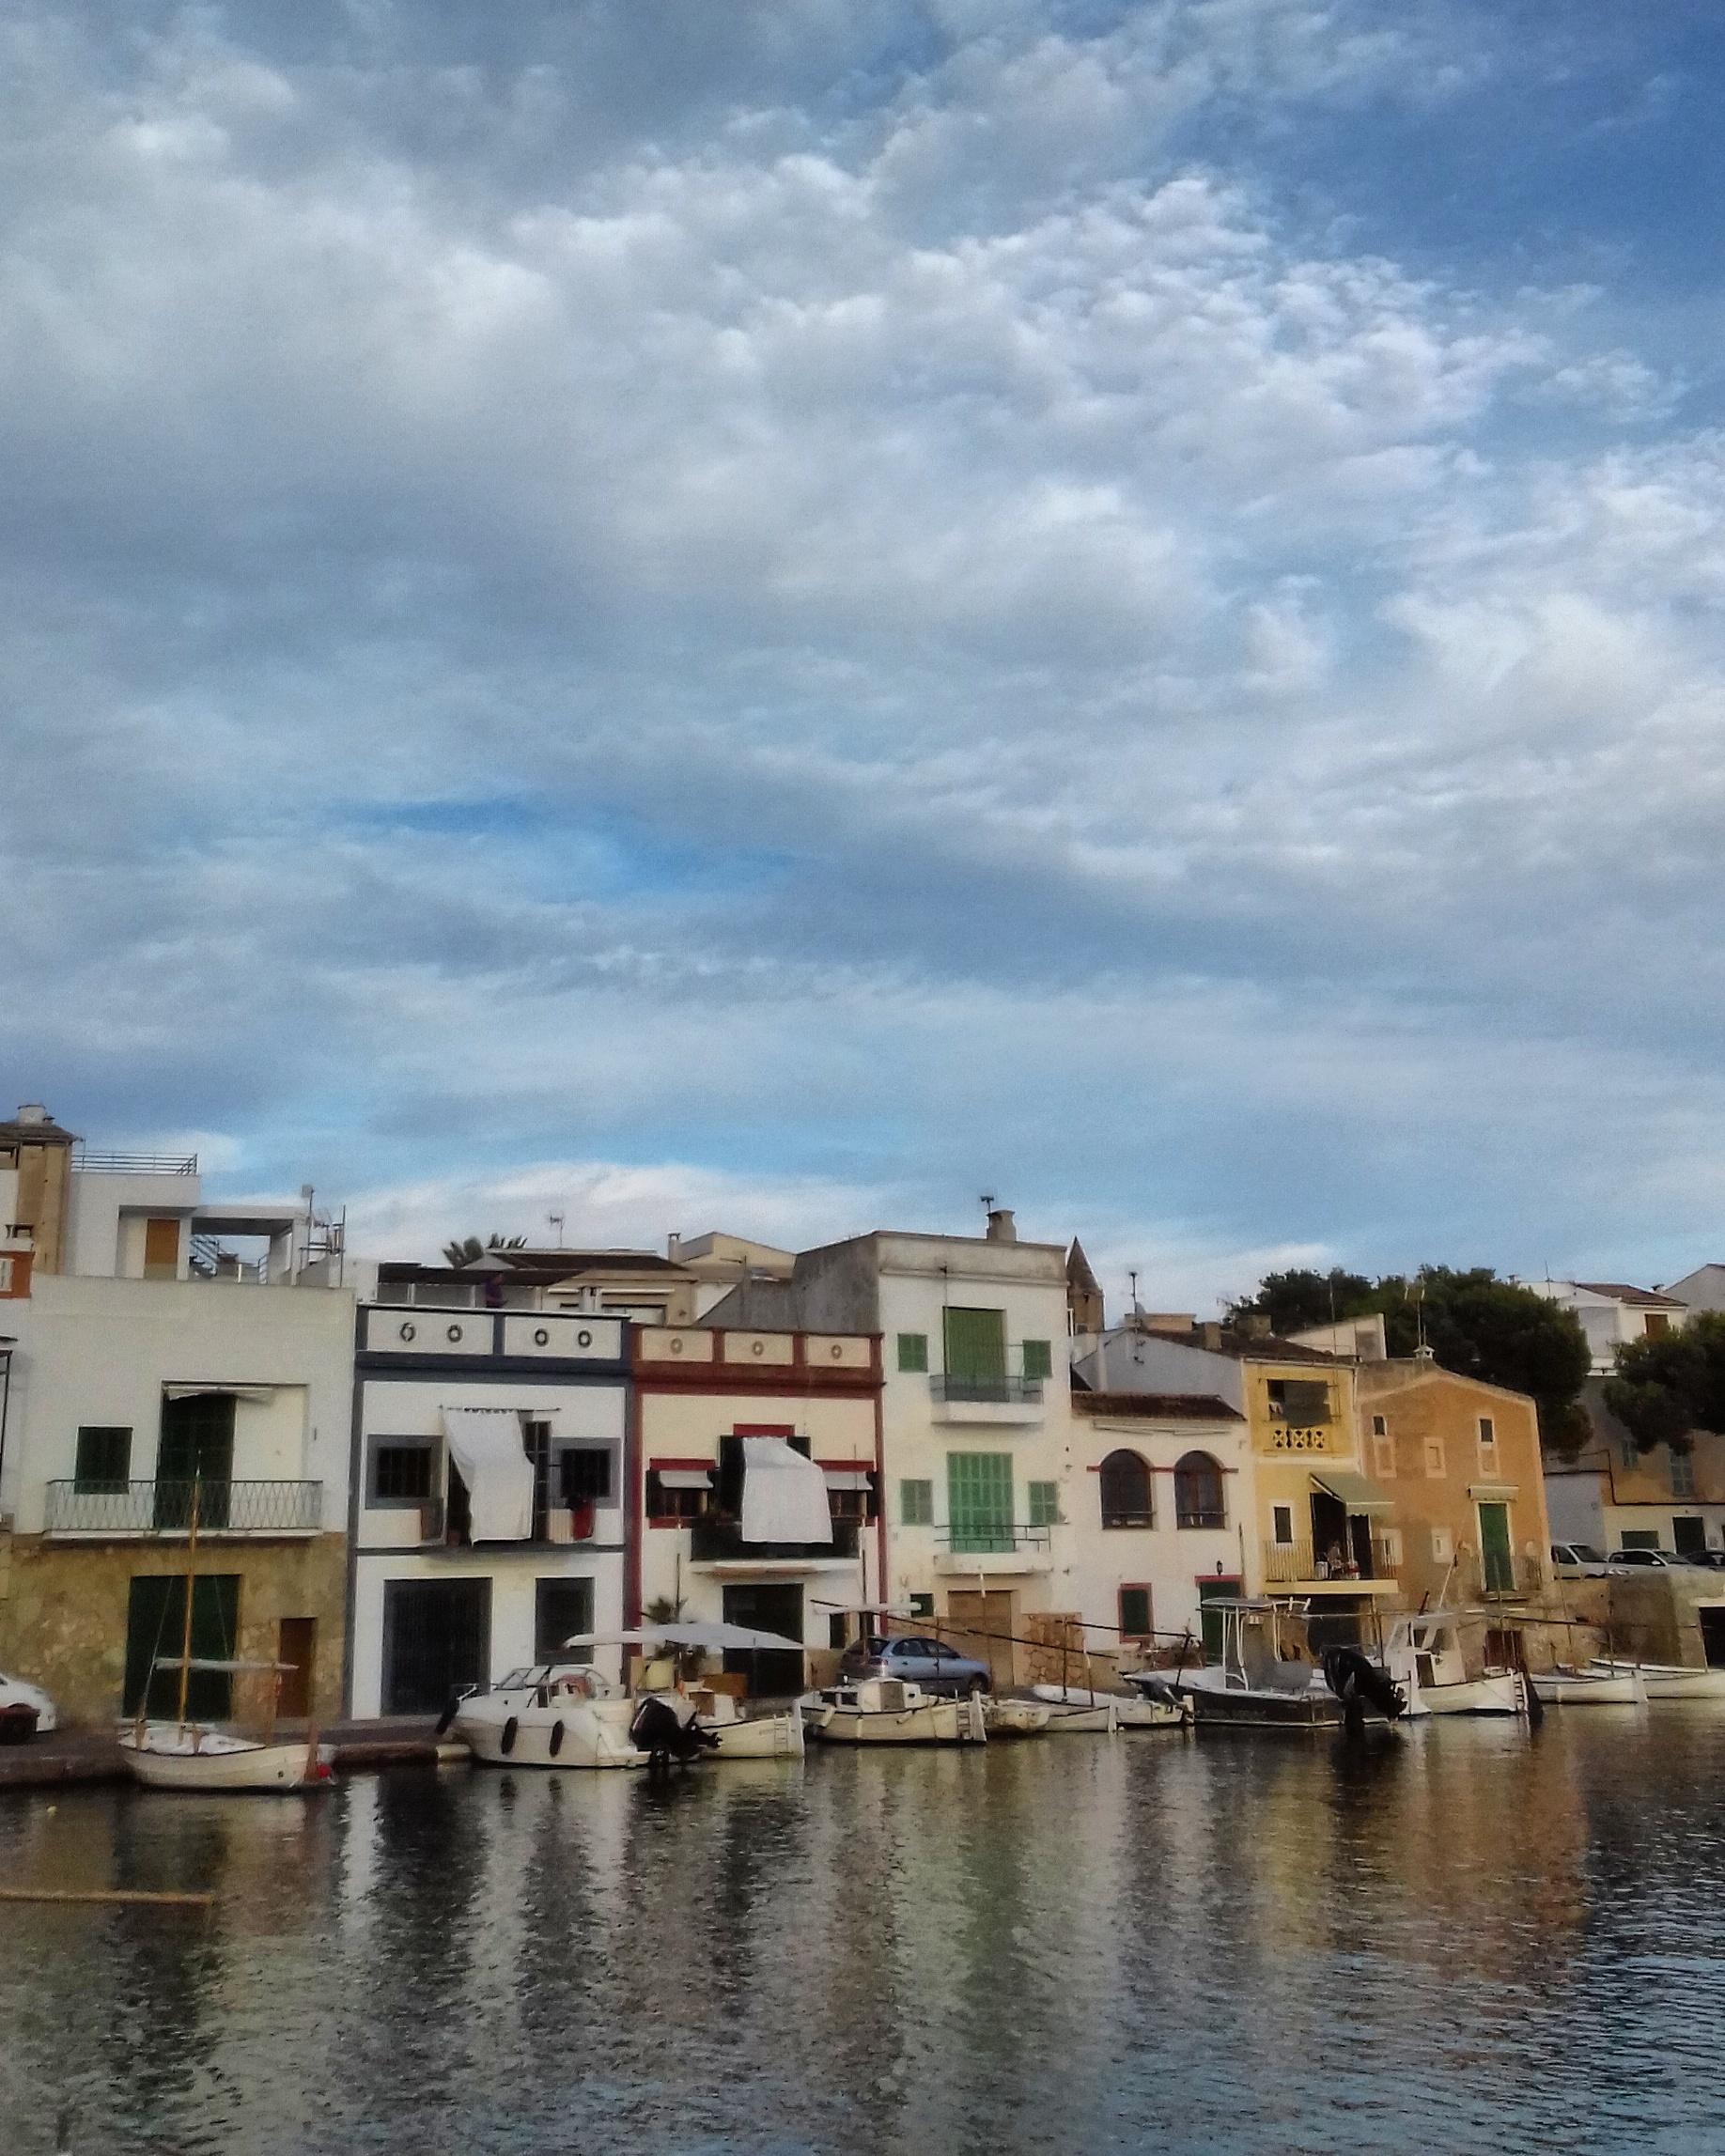 mallorca-porto-colom-sonsoles-lozano-11